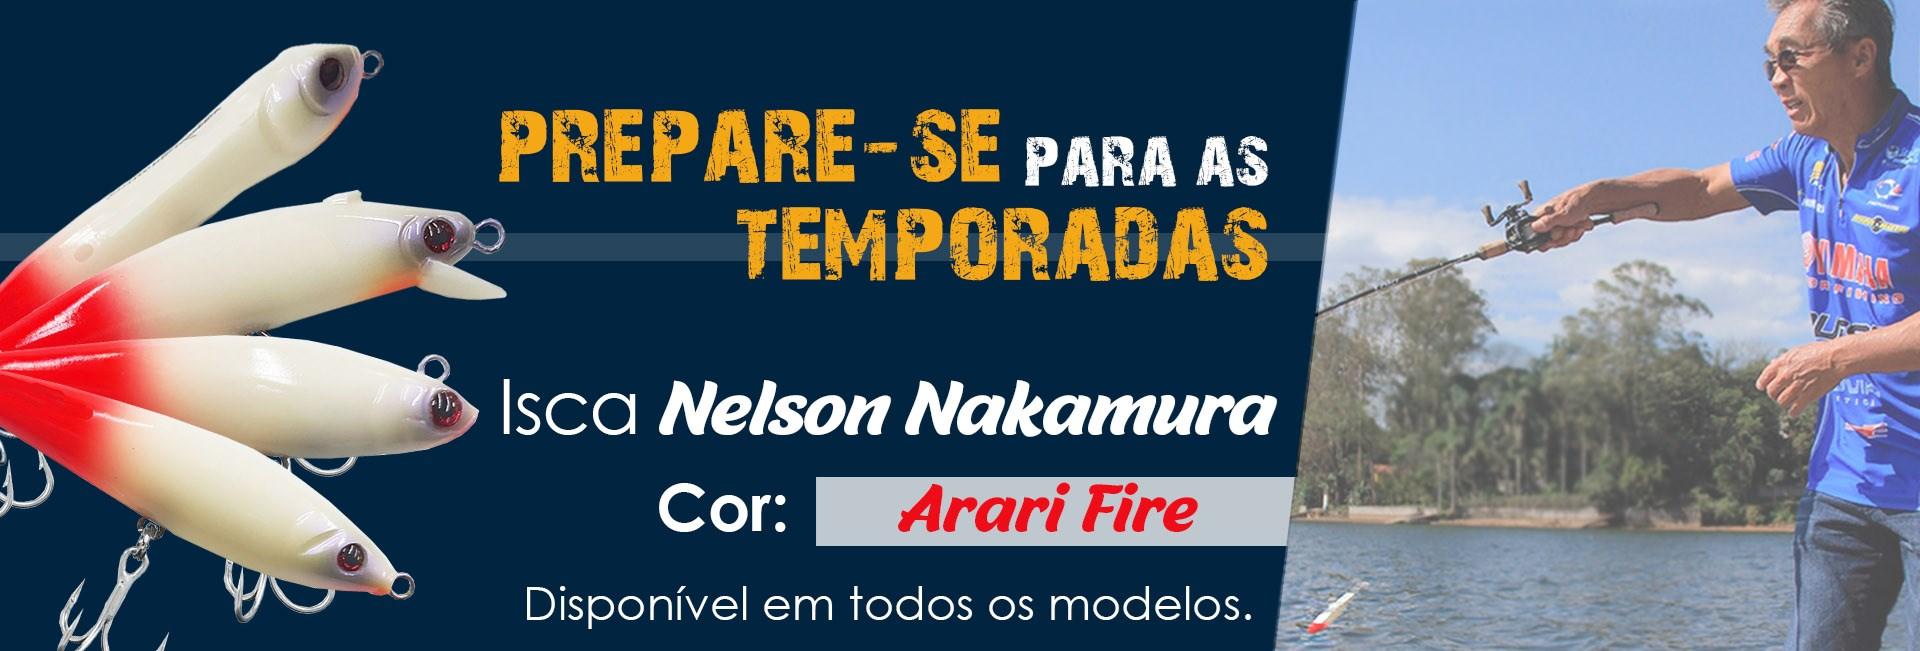 Isca Nelson Nakamura Arari Fire